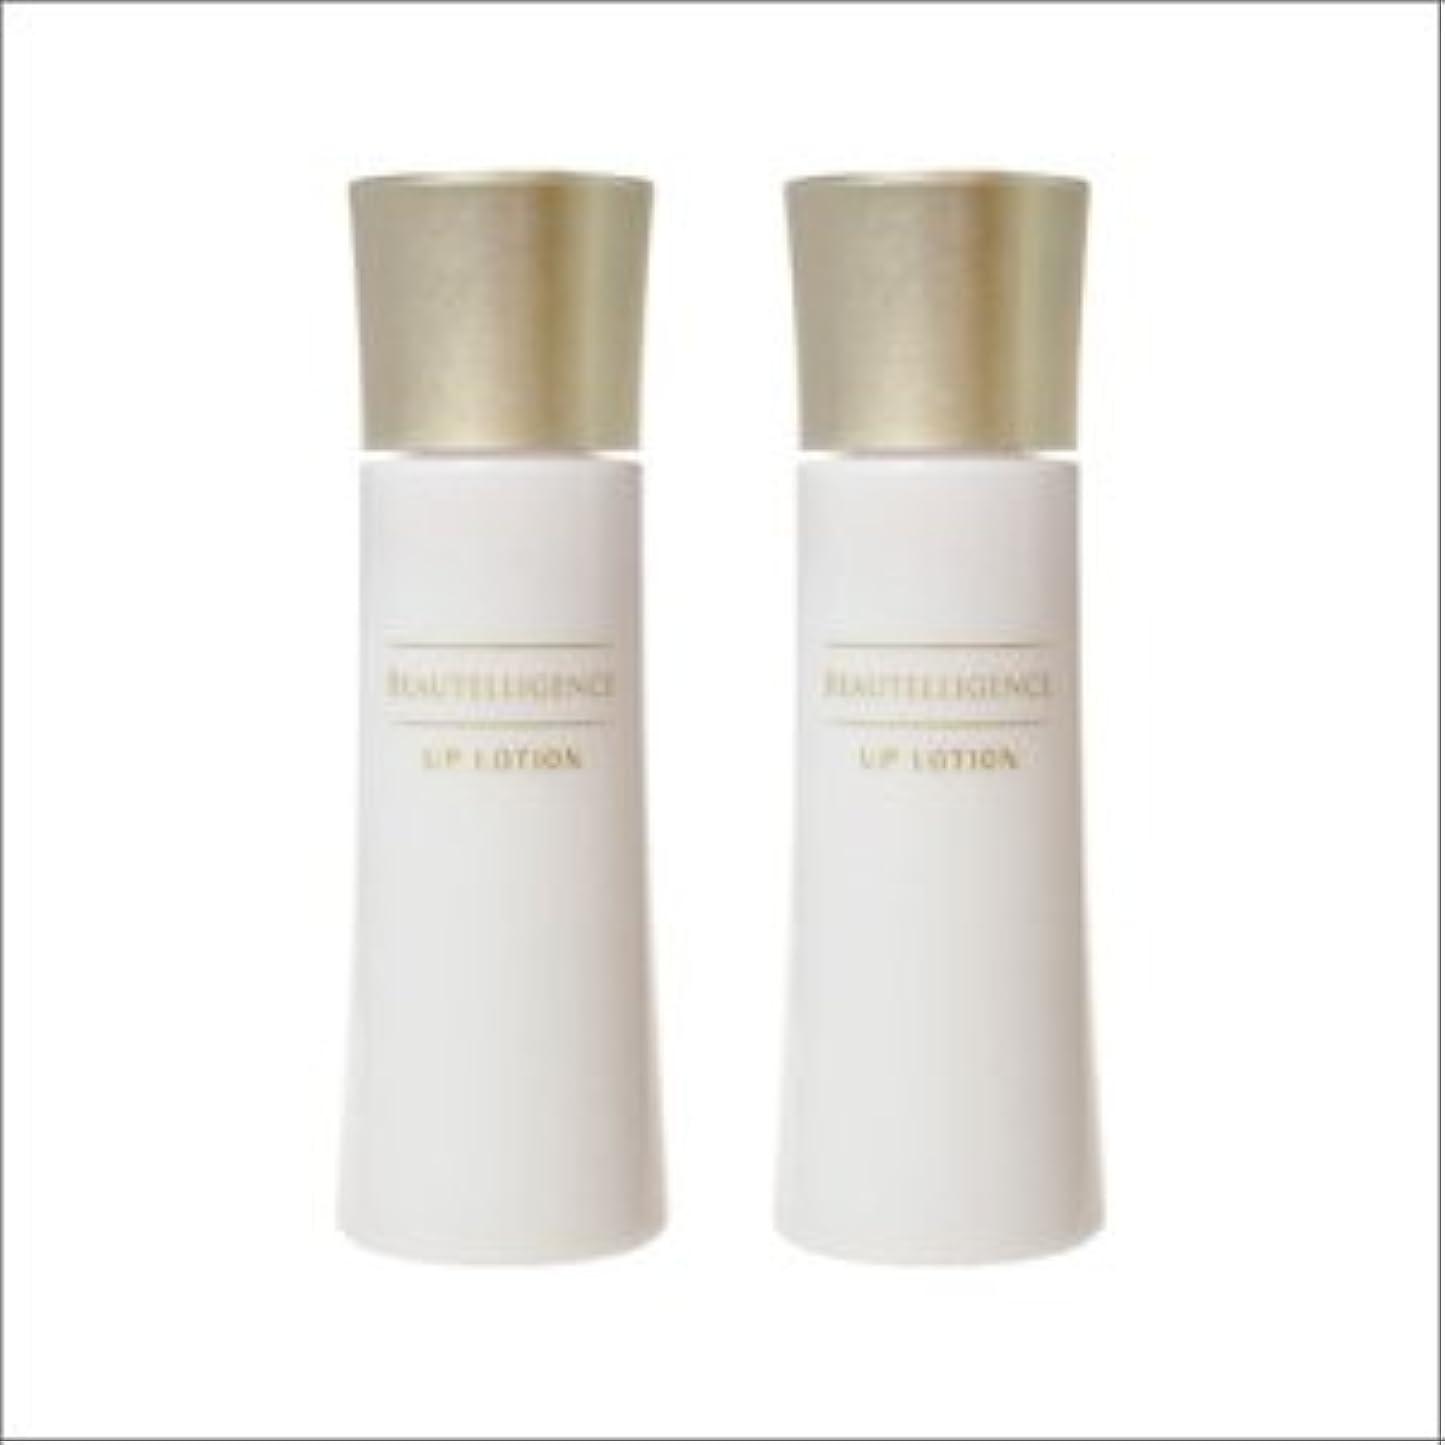 正直改修するデイジー2本セット アップローション ひきしめ 化粧水 美容液 ハリ NEWA オシリフト グリシルグリシンエイジングケア